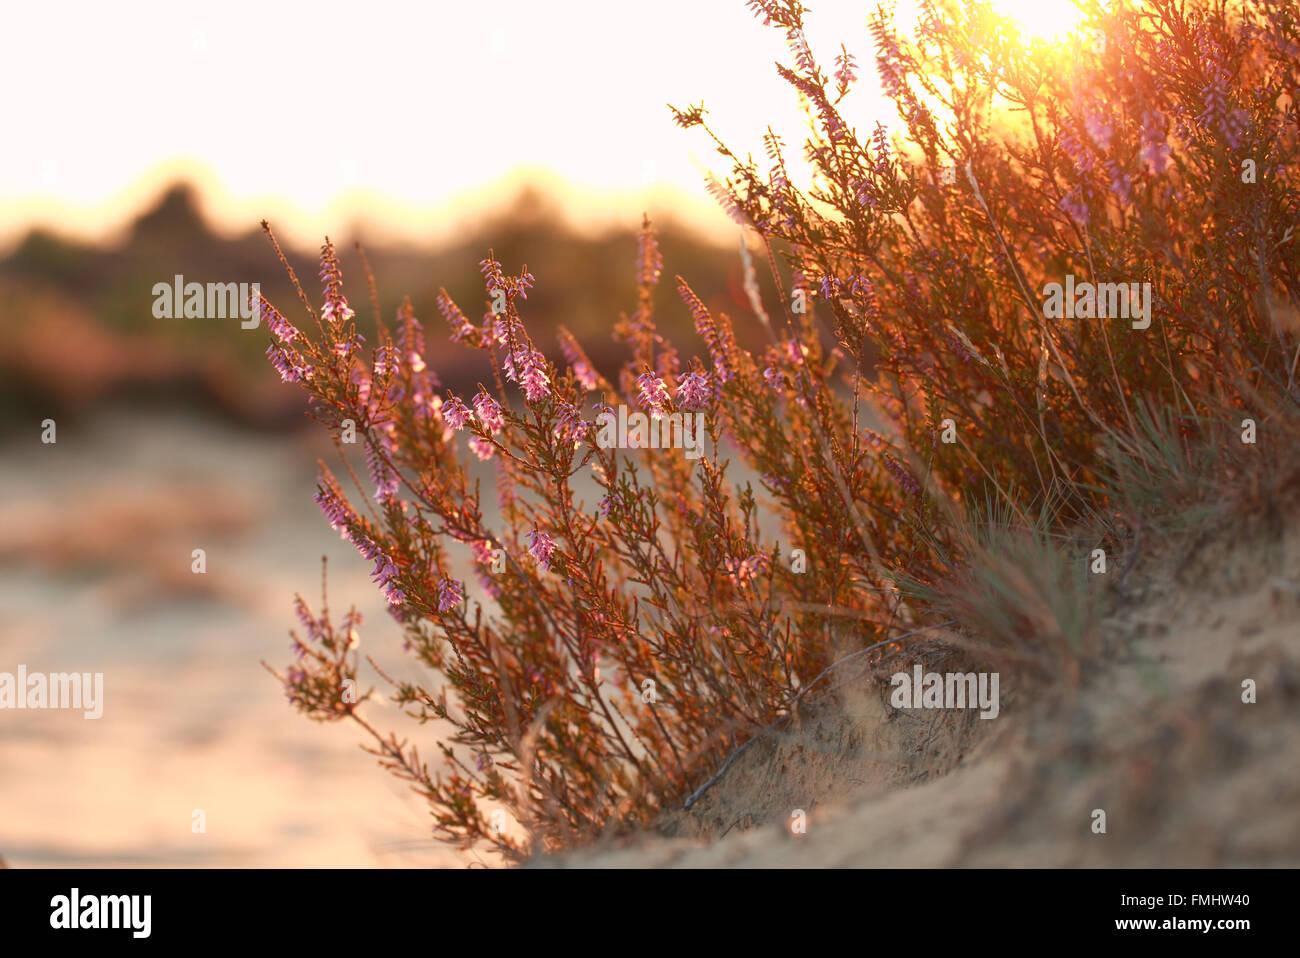 Heather fiori sulla collina di sabbia al tramonto d'oro Immagini Stock